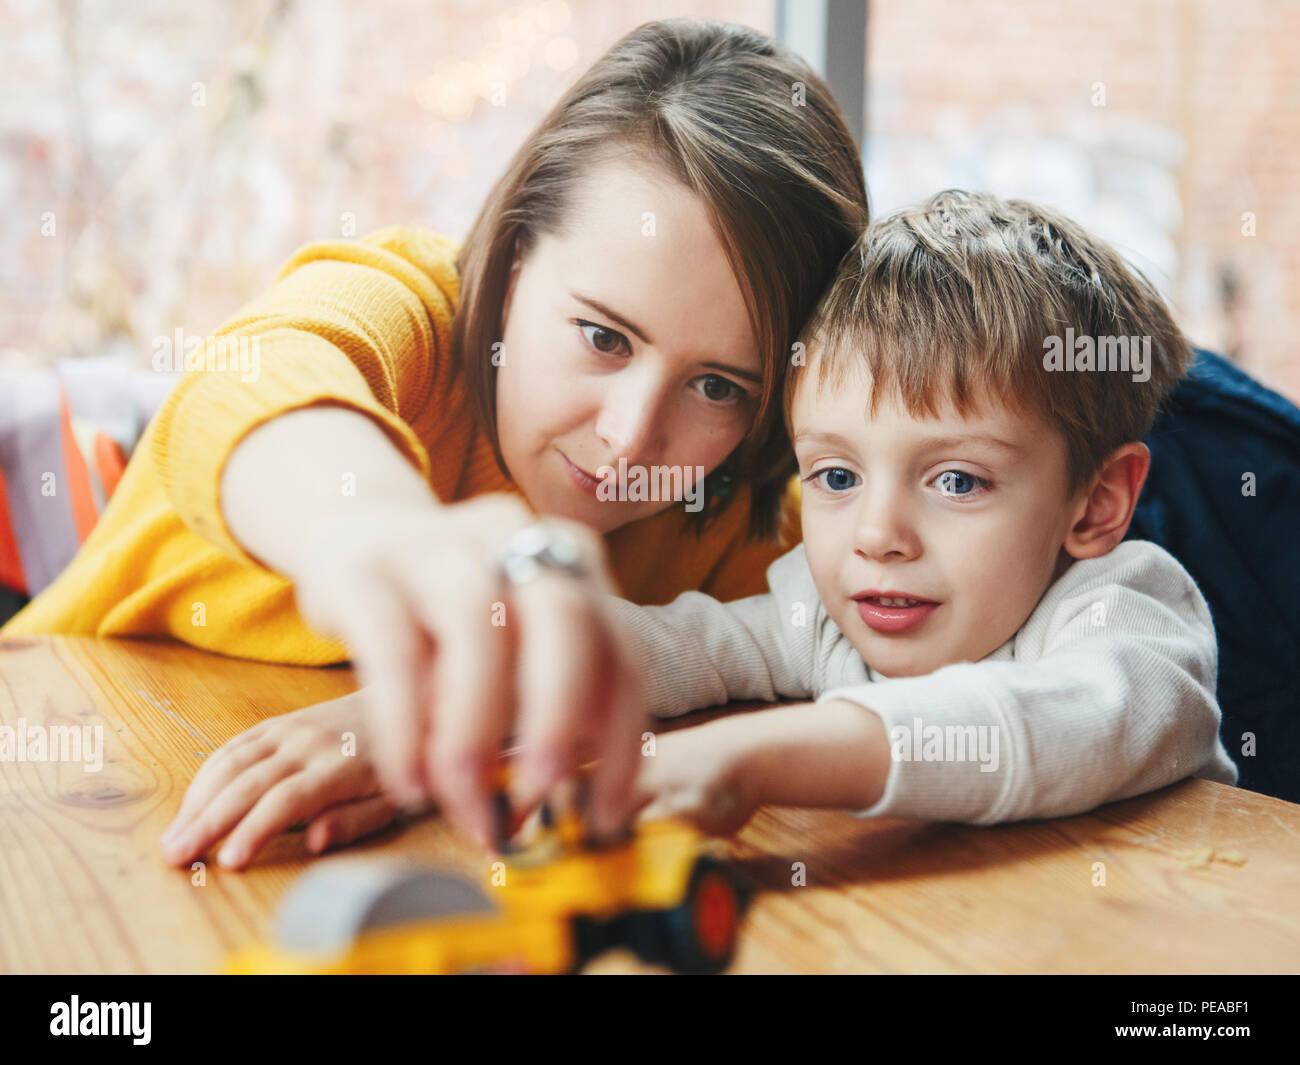 Portrait von weissen Kaukasischen glückliche Familie, Mutter und Sohn, im Restaurant Cafe sitzen am Tisch und lächelte, spielen mit Spielzeug Auto, authentischen Lebensstil Stockbild